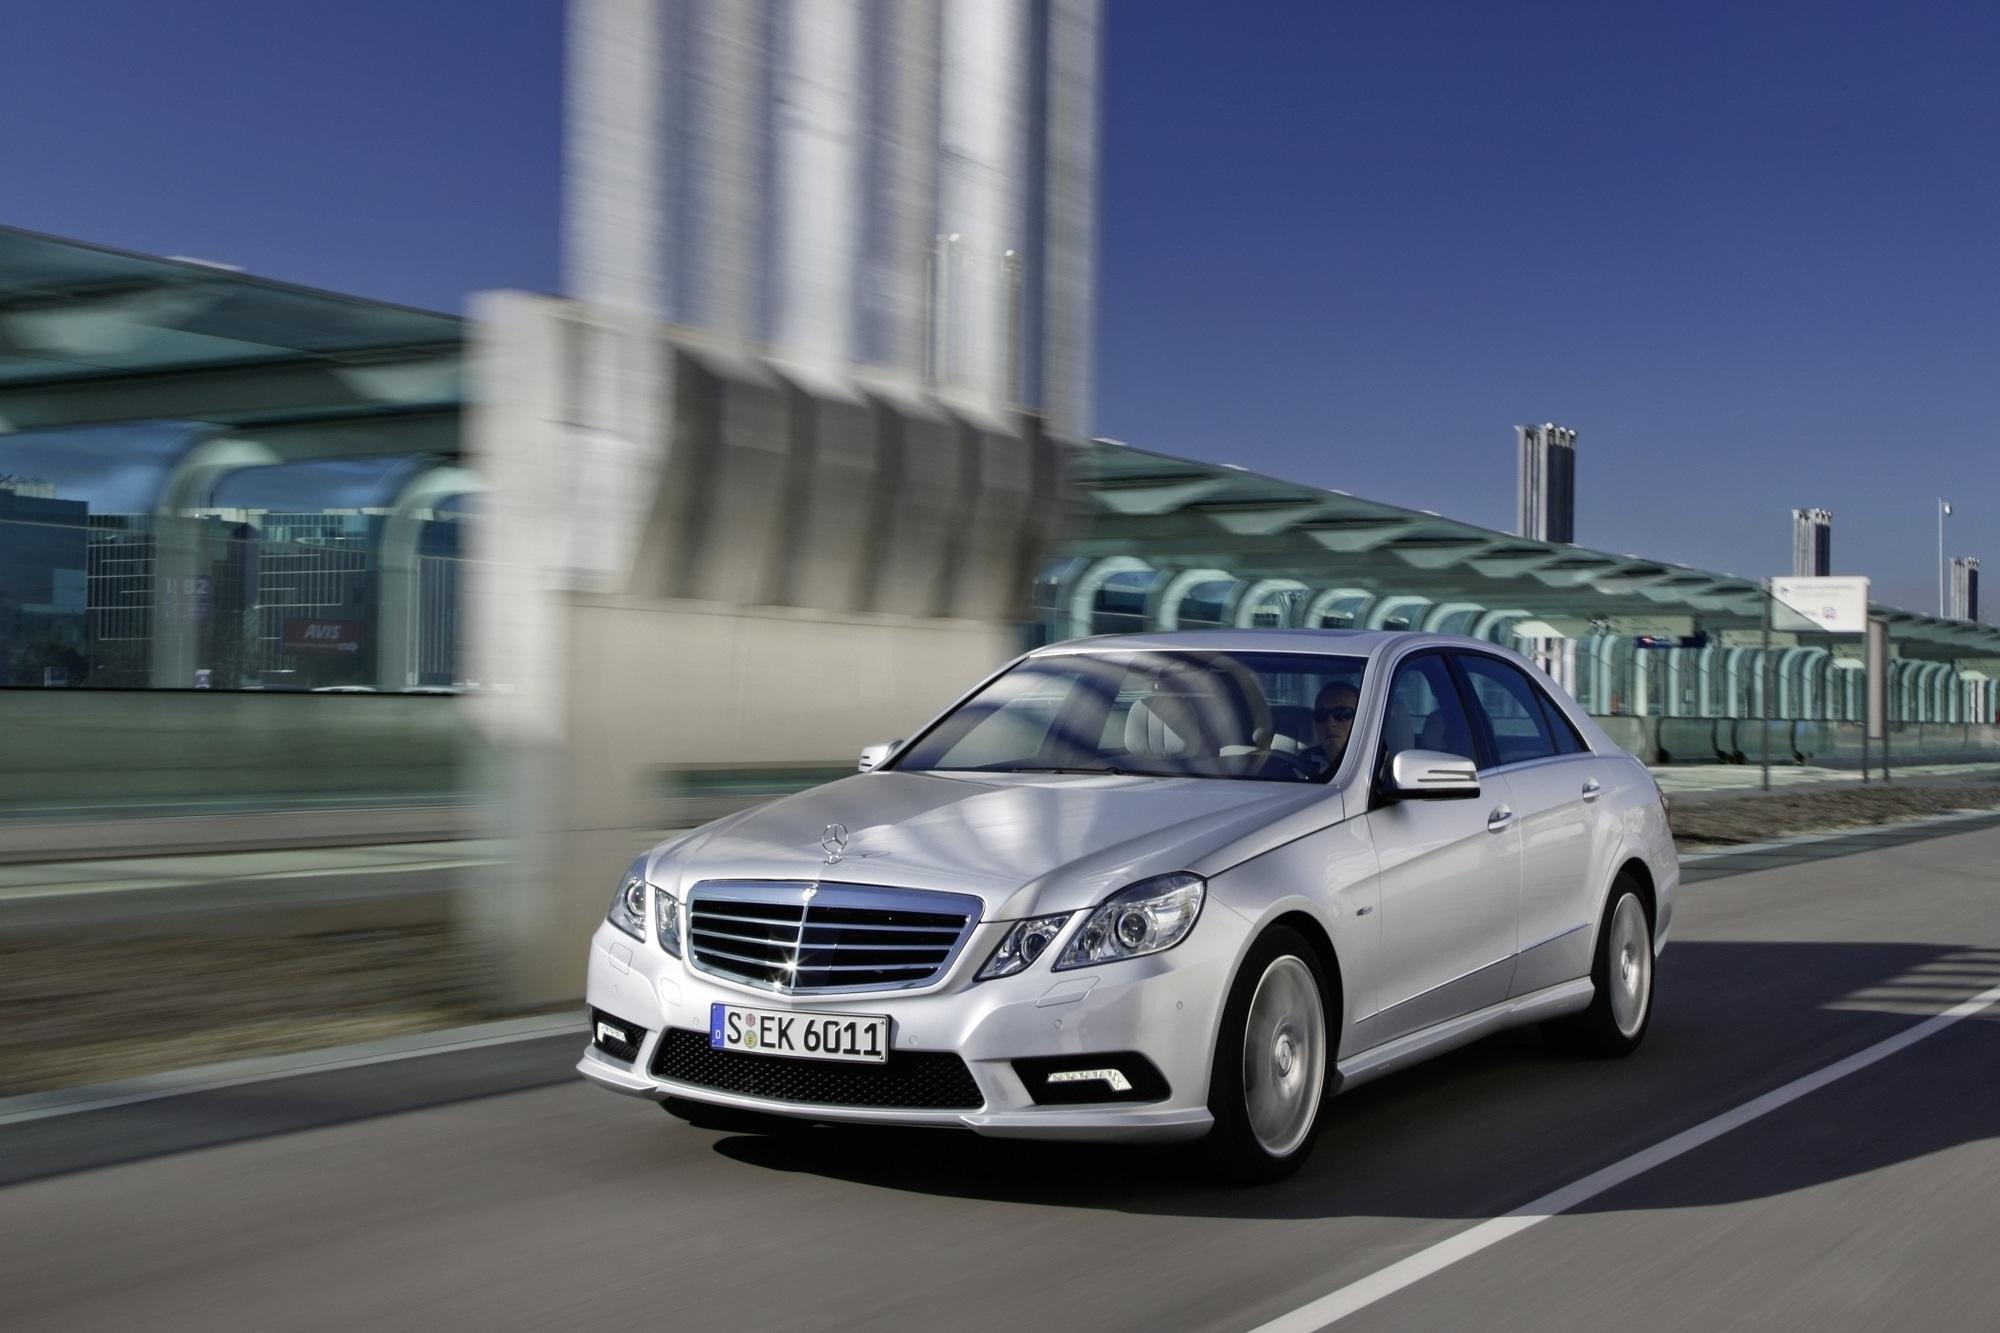 Gebrauchtwagen-Check: Mercedes E-Klasse (W 212) - Der Stern strahlt auch nach Jahren